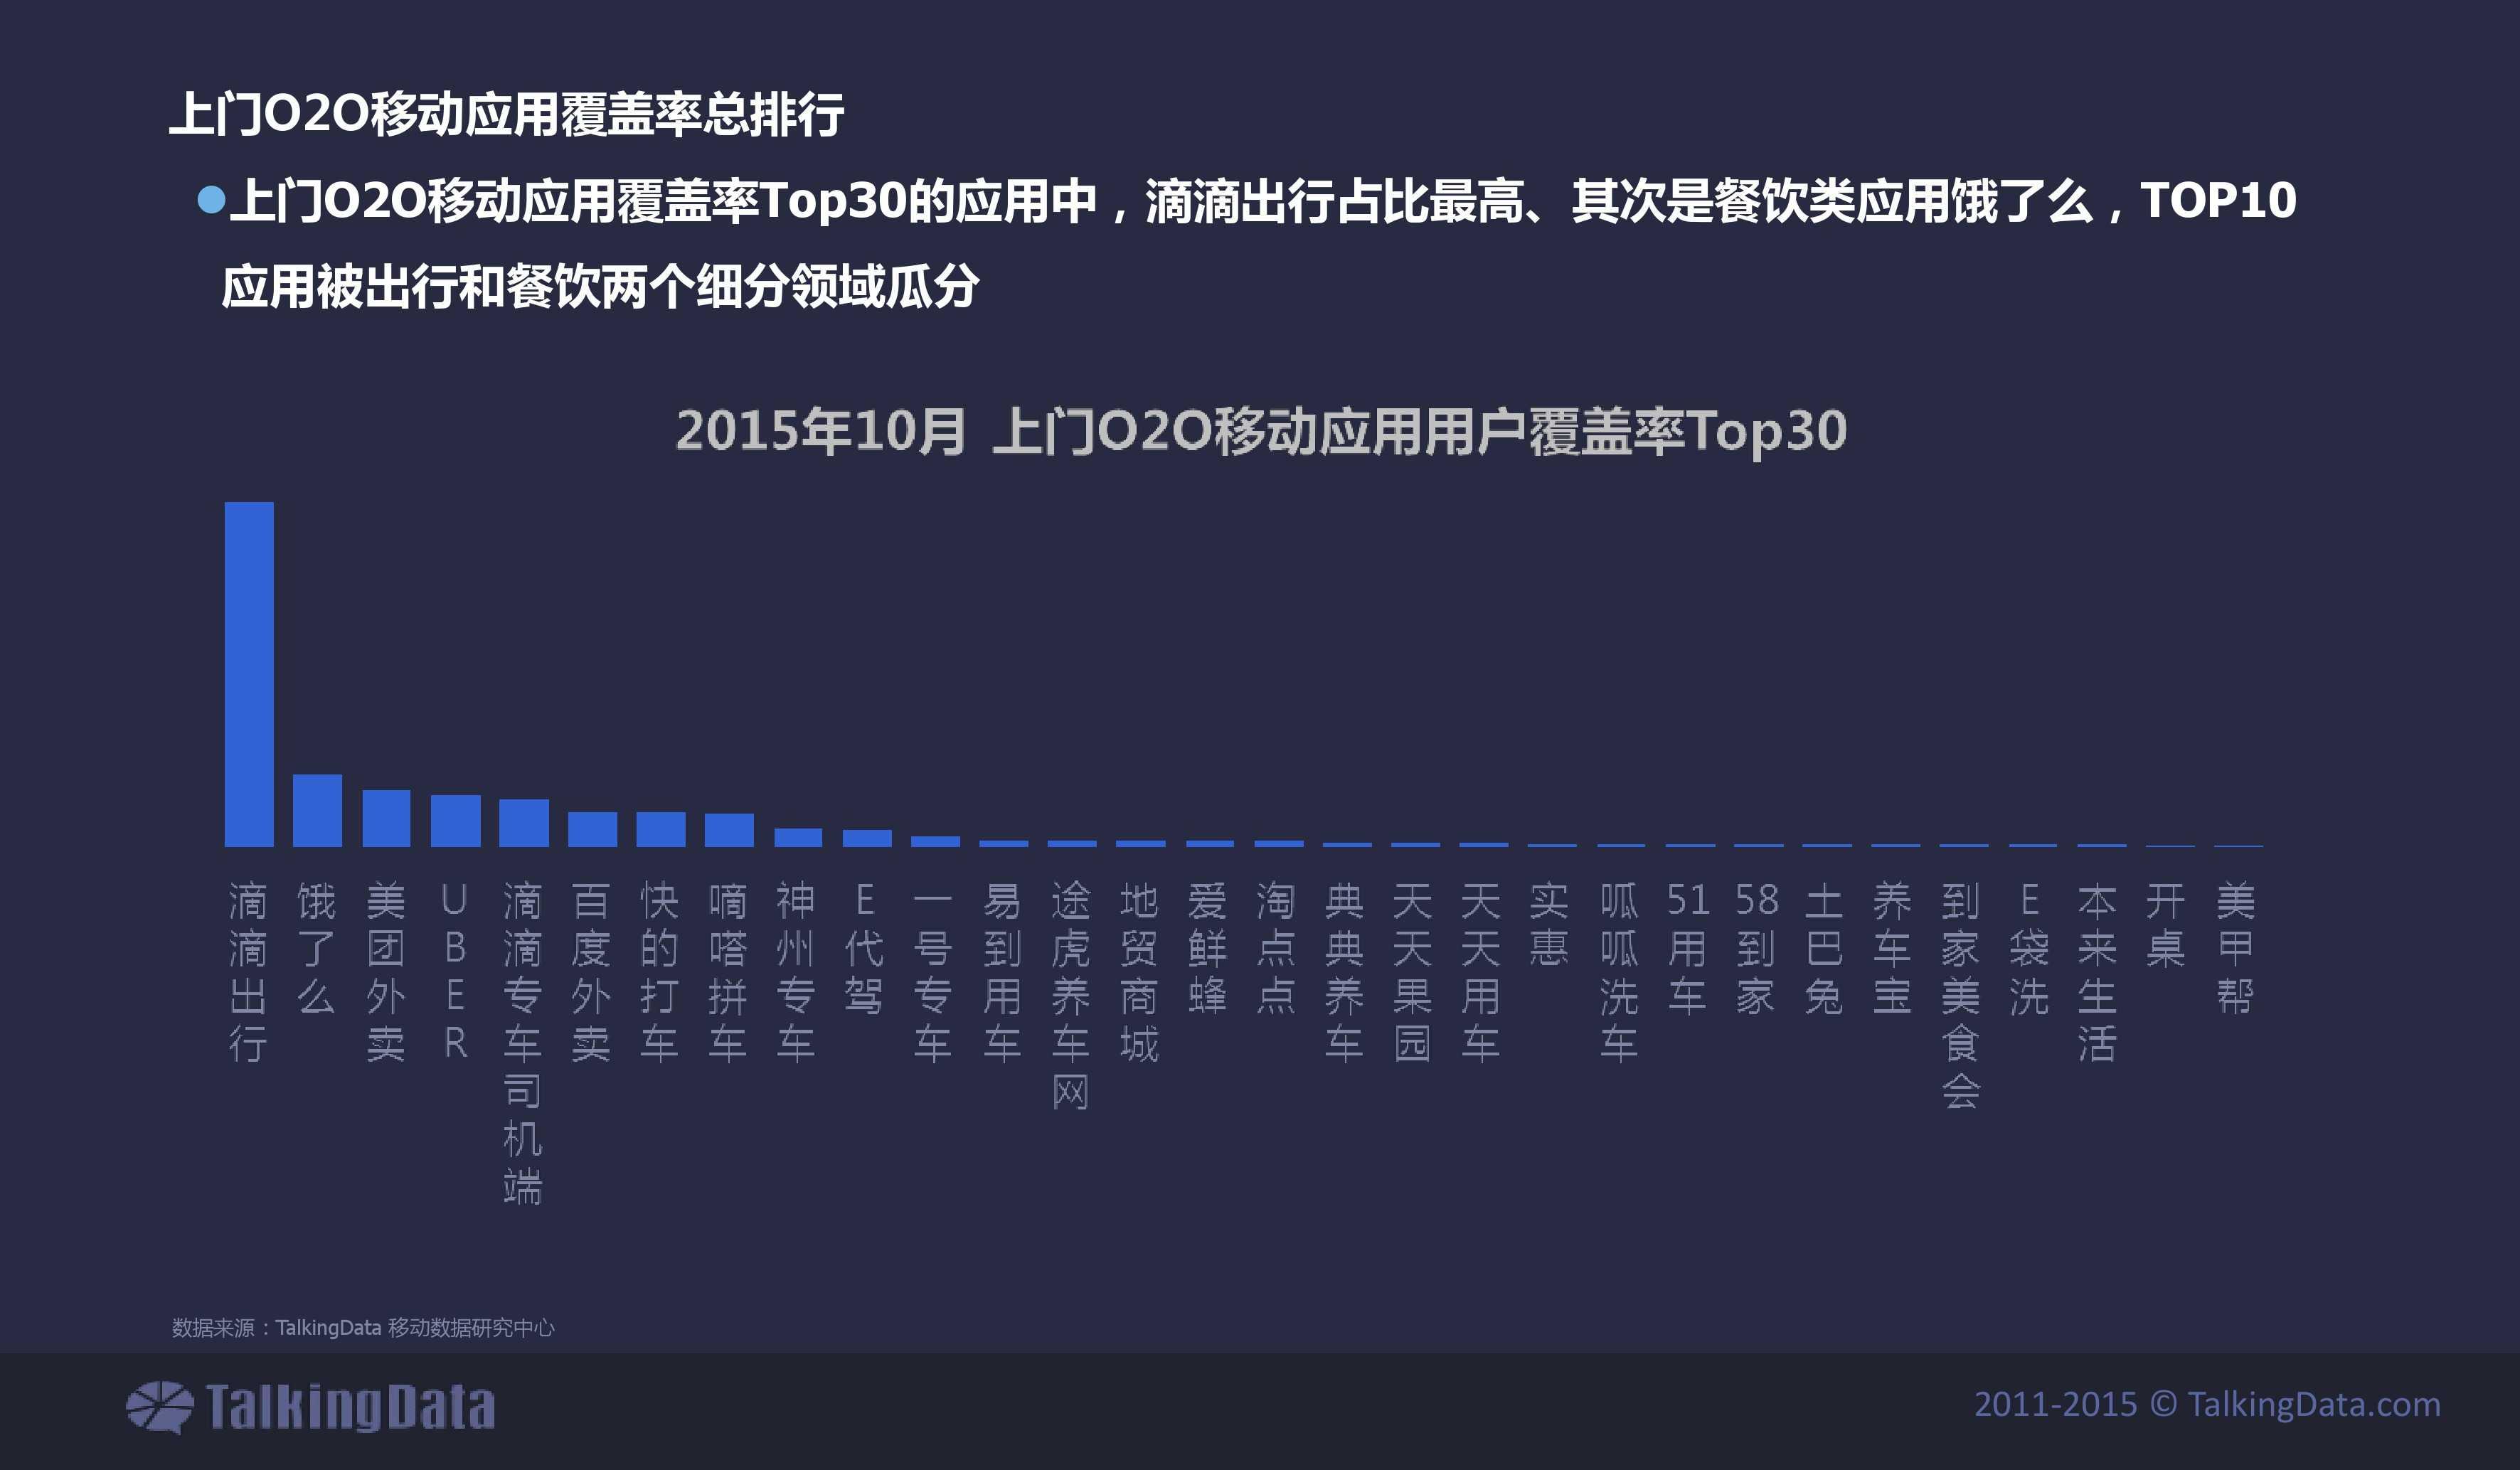 TalkingData2015年上门O2O移动应用行业报告_000015